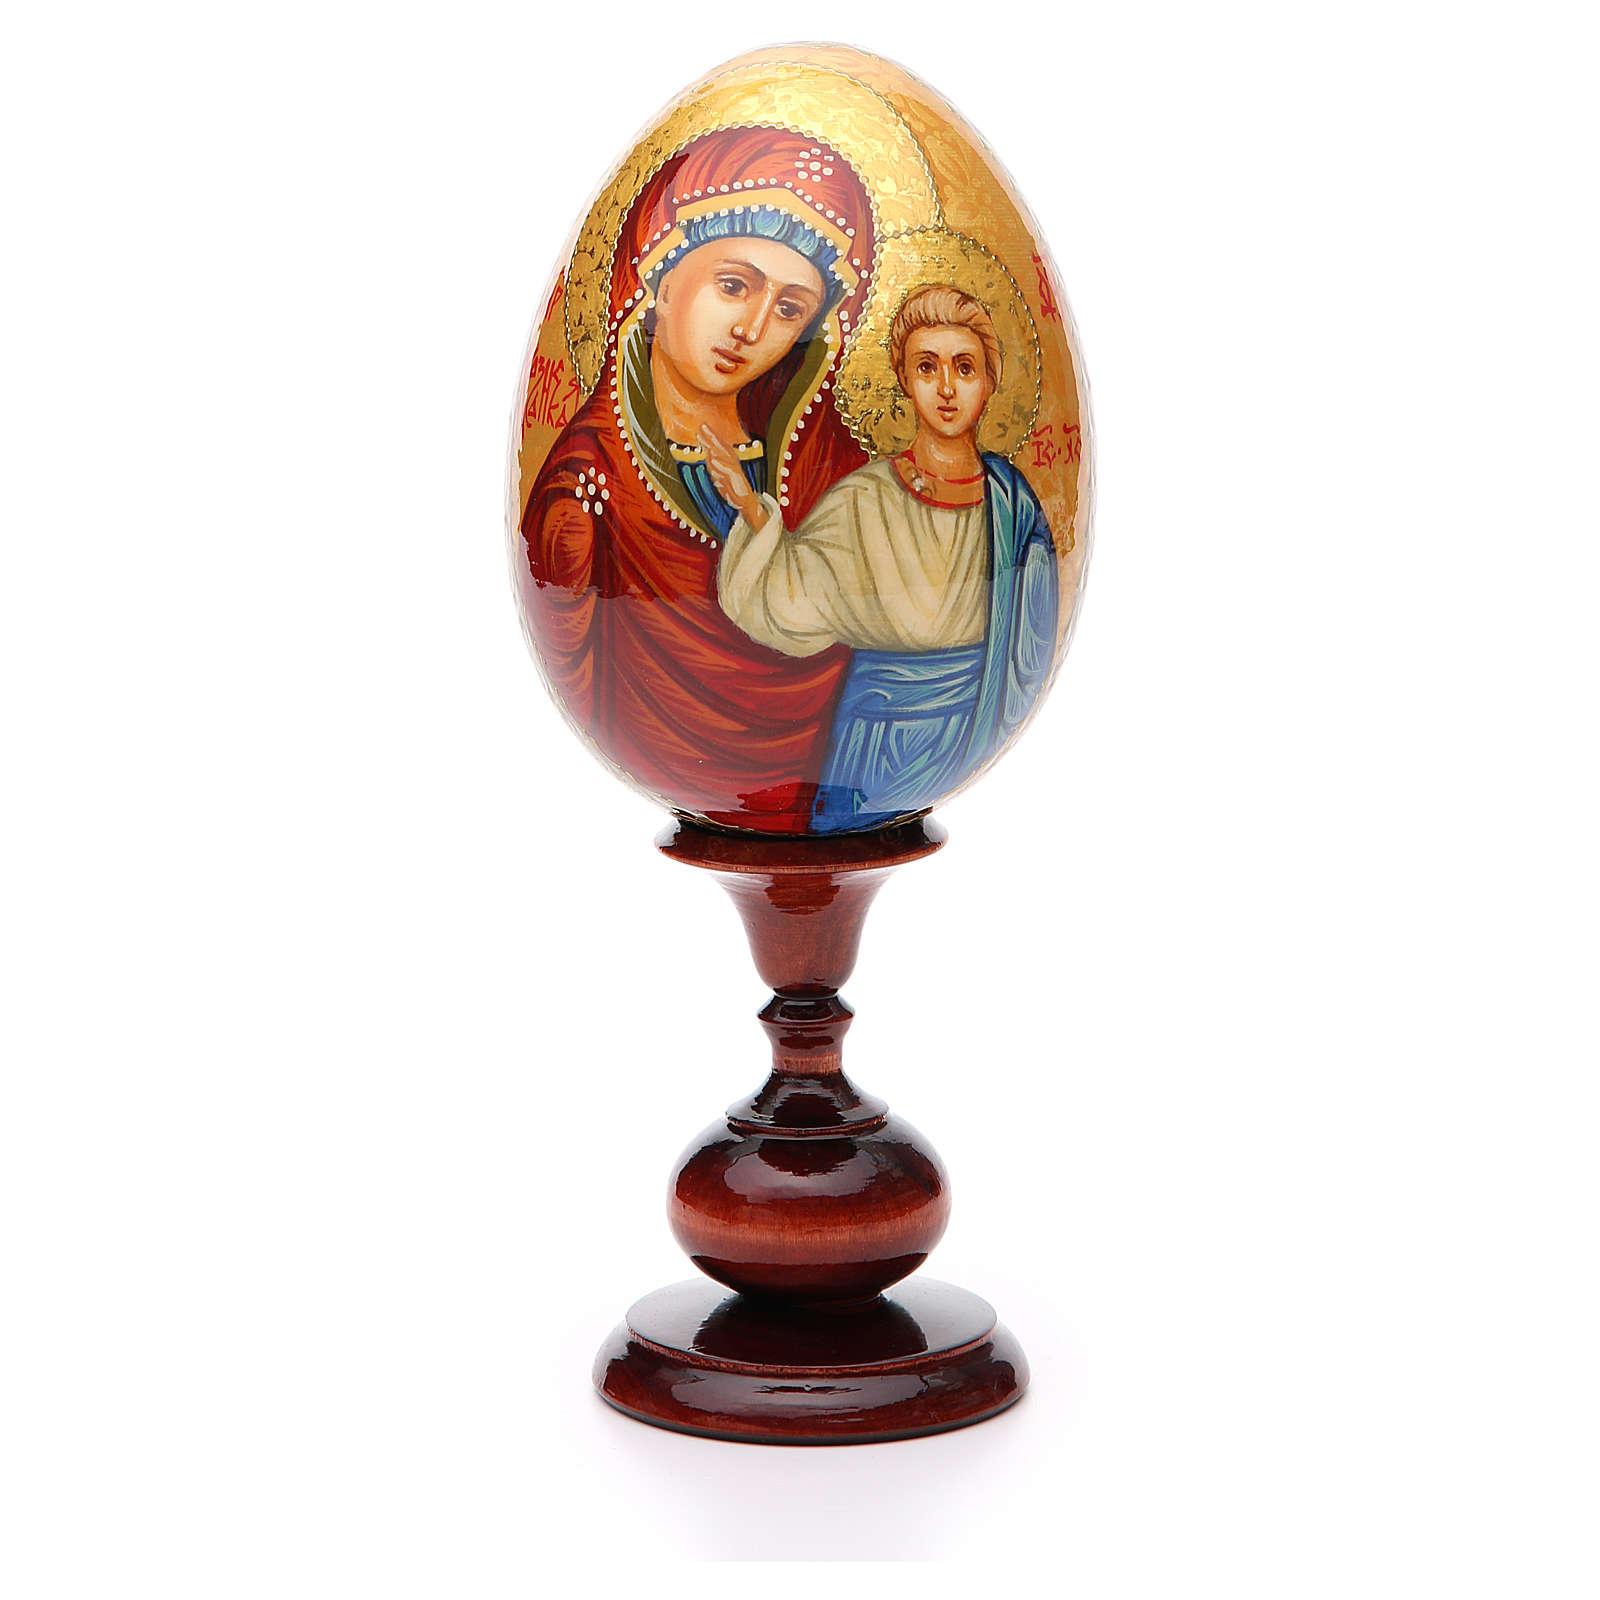 Huevo ruso de madera PINTADO A MANO Kazanskaya altura total 20 cm 4